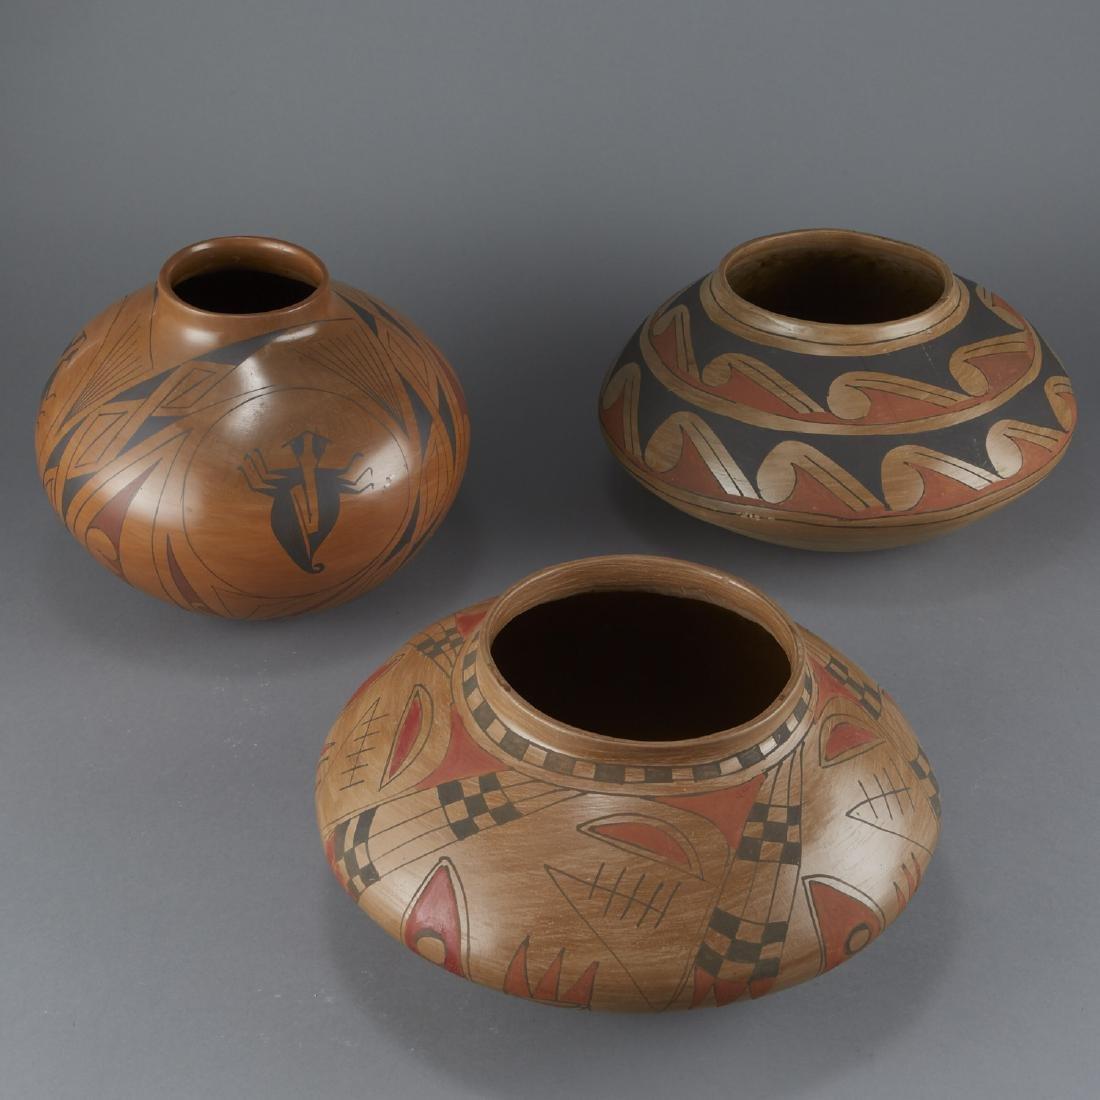 3 Polychrome Pottery Jars - 4